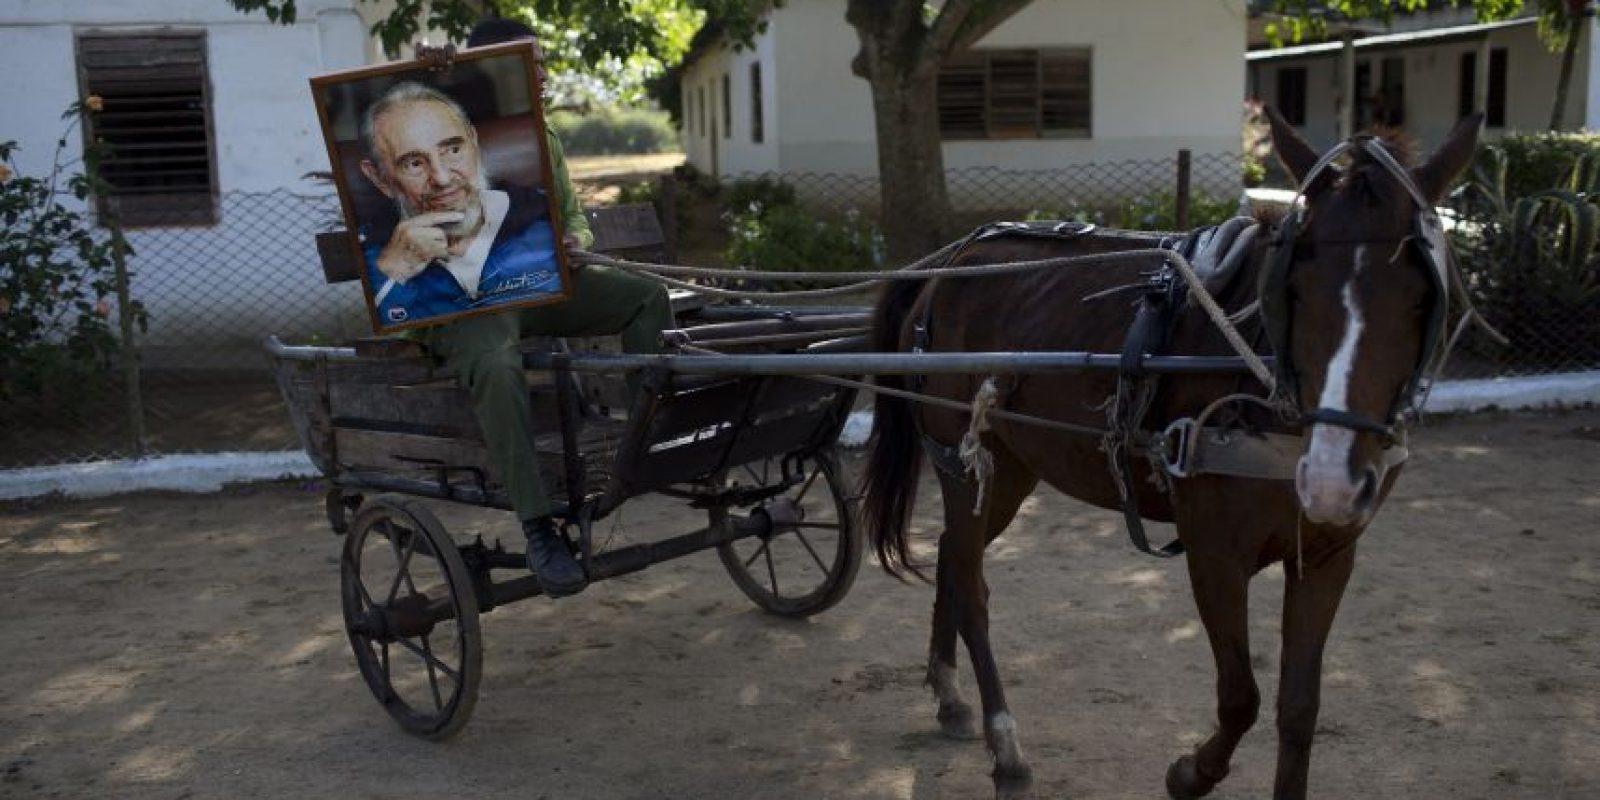 En esta foto del 30 de noviembre de 2016, Michael Mendoza lleva un retrato de Fidel Castro en su carreta taxi en Camaüey, Cuba. Las cenizas del líder de la revolución fueron trasladadas desde La Habana hasta la ciudad oriental de Santiago de Cuba. Foto:Rodrigo Abd / AP Foto